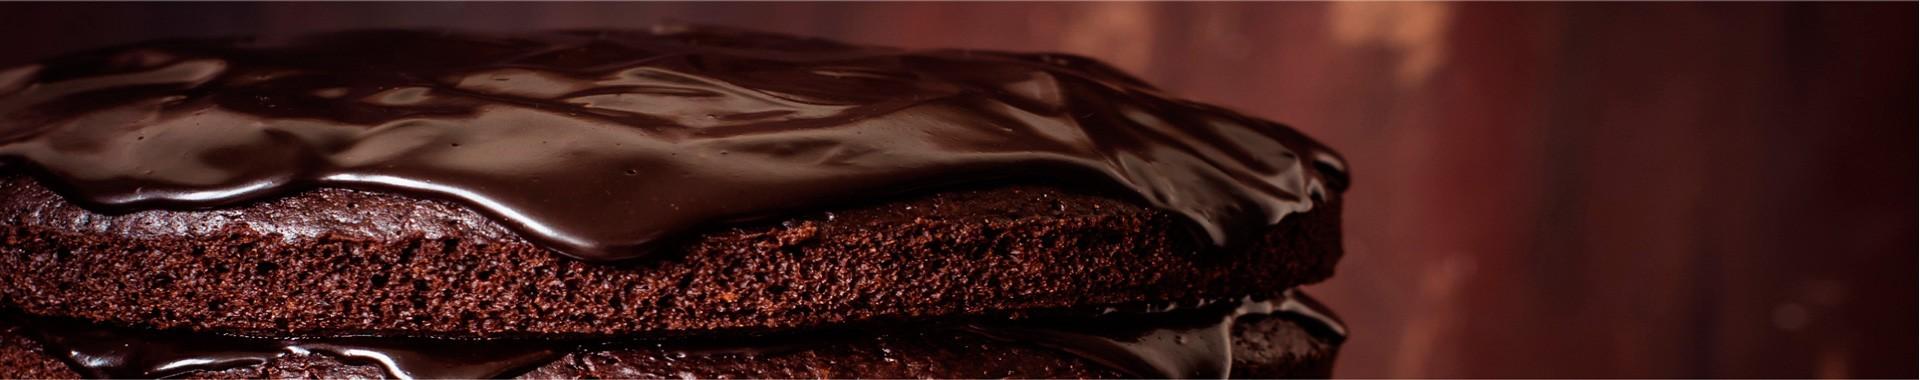 Fondant de chocolate con crema de vainilla y confitura de naranja